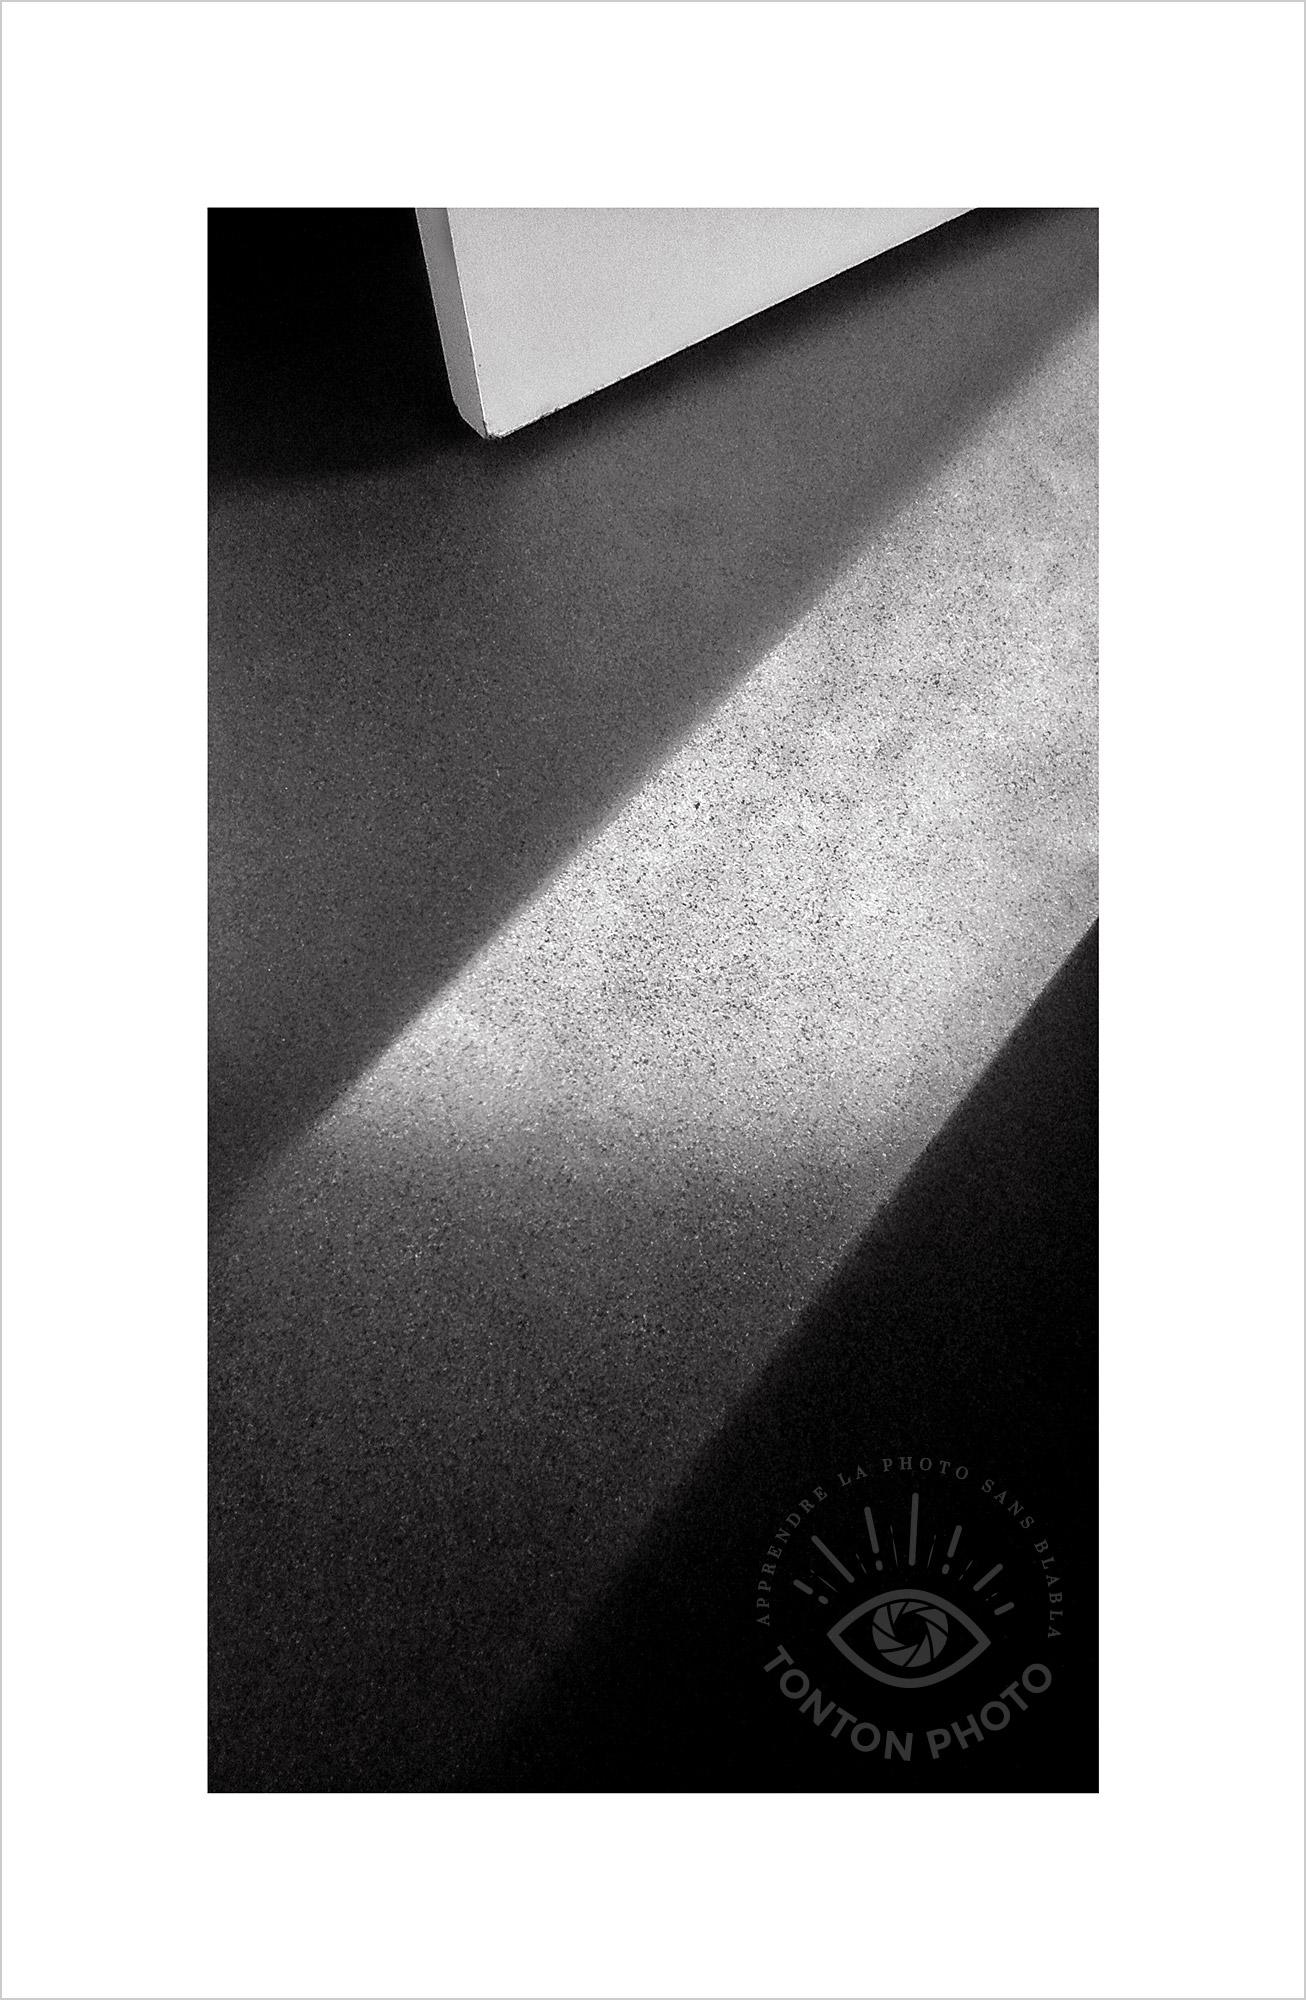 Jeu d'ombre et de lumière dans l'encadrement d'une porte. Photo prise au smartphone LG G4 © Tonton Photo